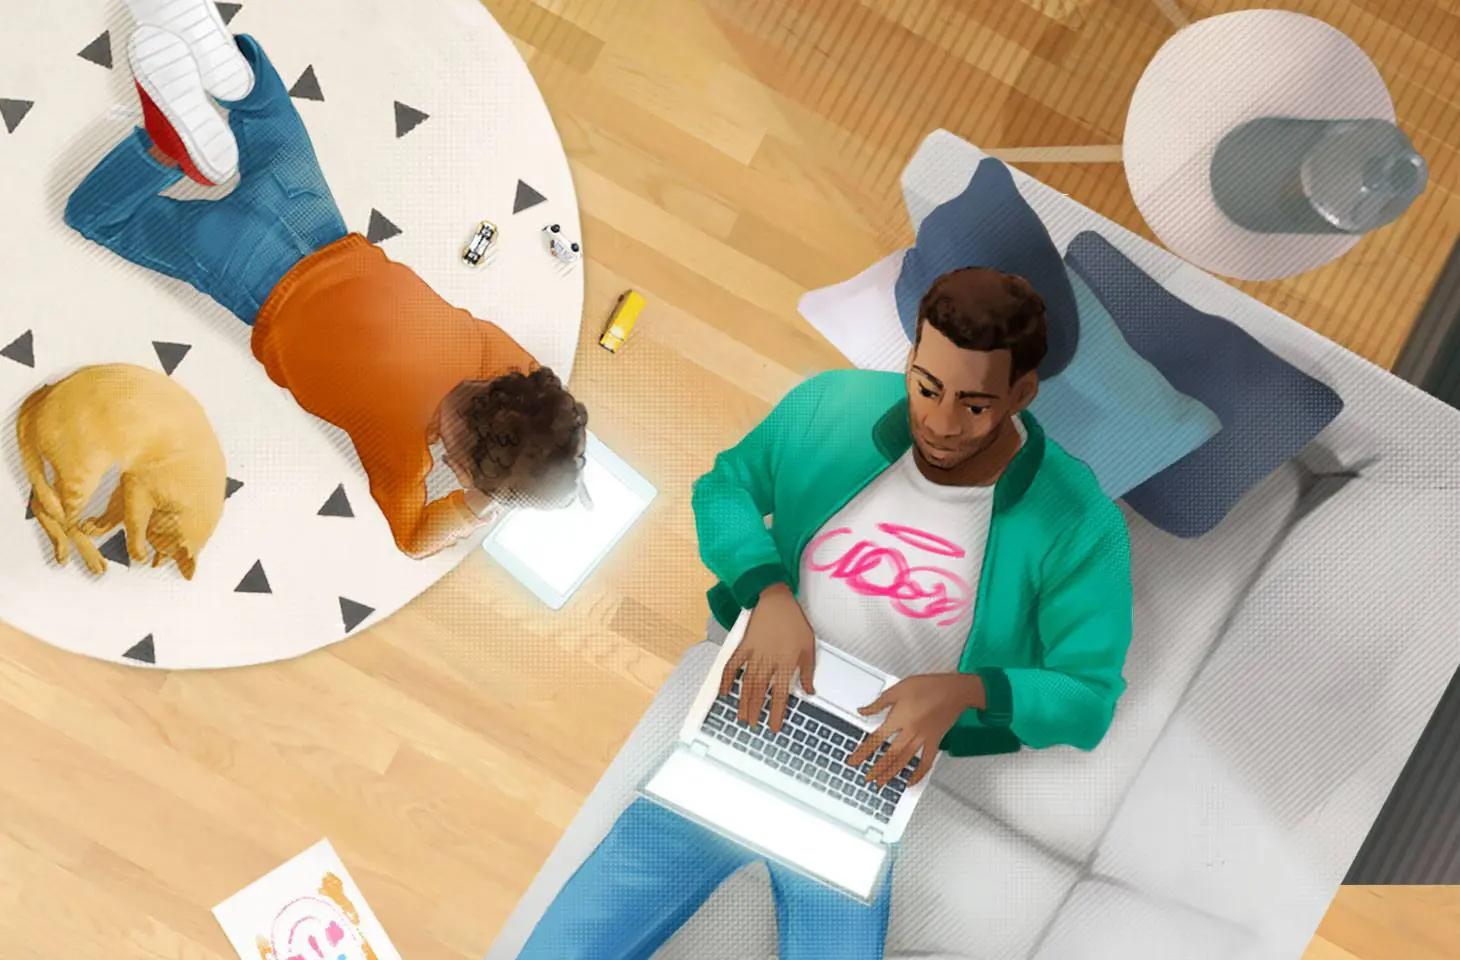 Hiểu để bảo vệ trẻ khi trực tuyến sau thời gian giãn cách vì đại dịch - 03